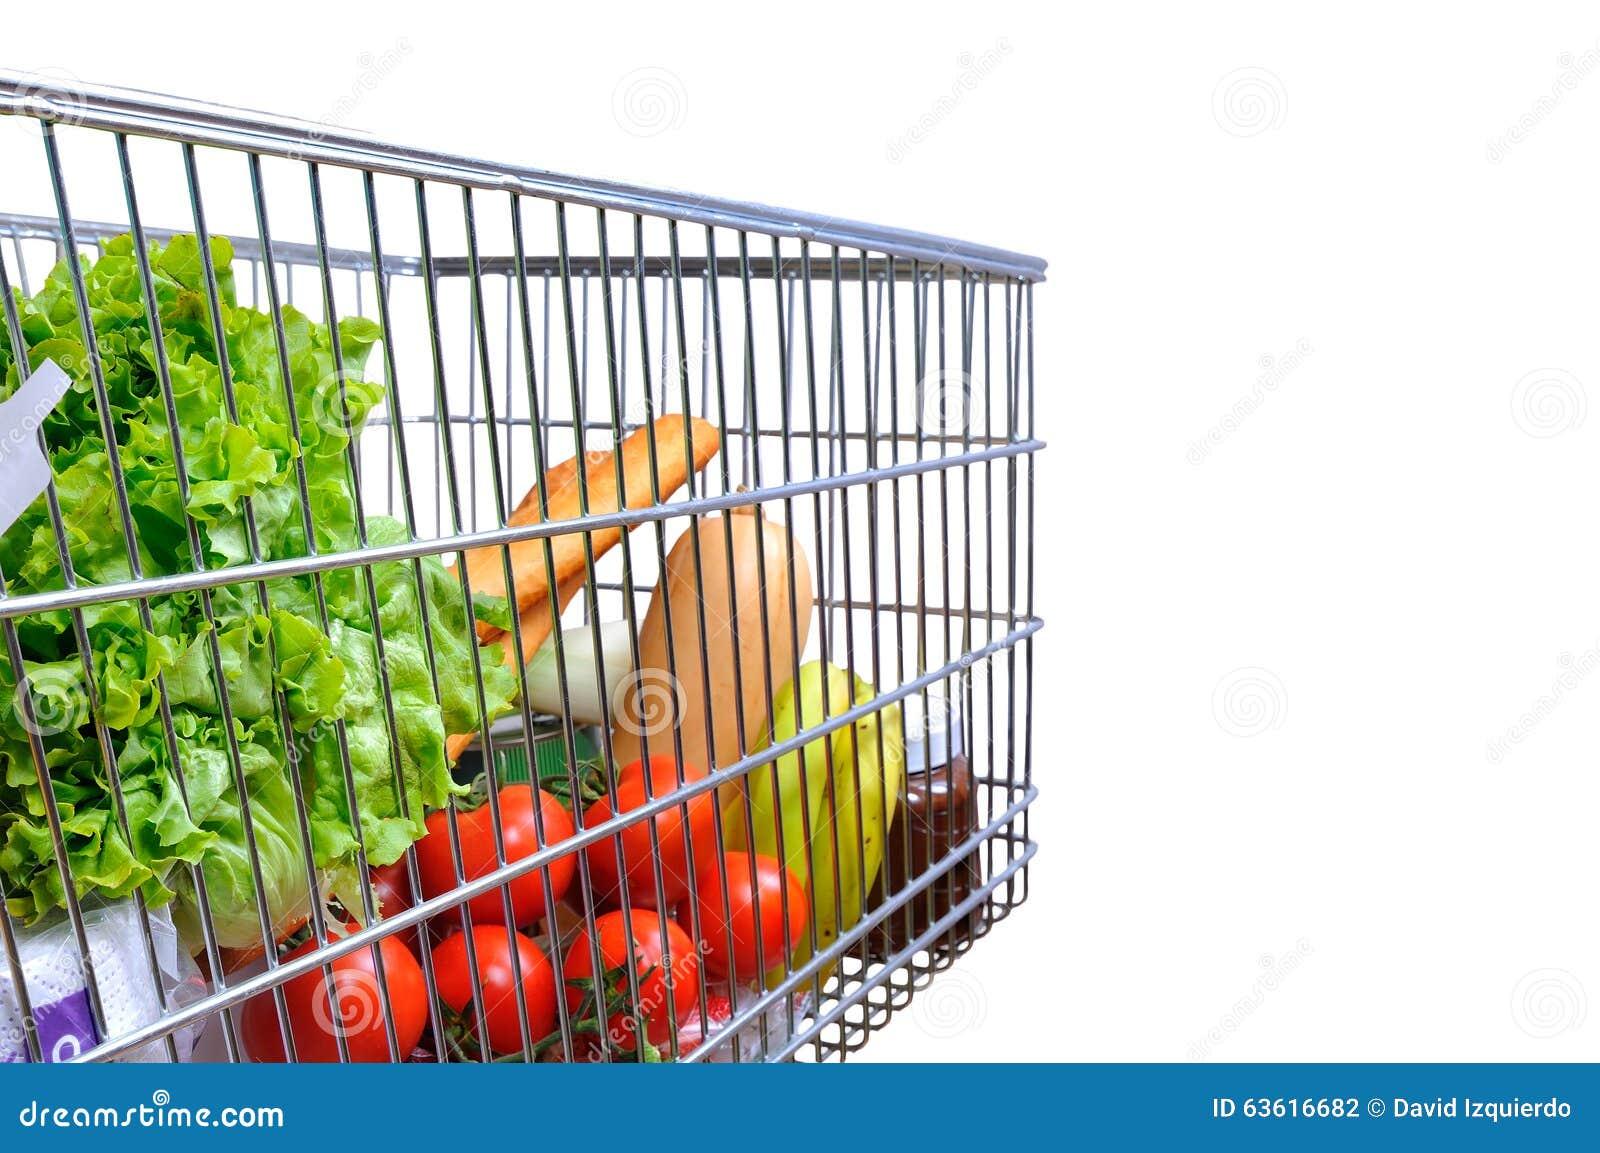 Full Grocery Cart Clipart Shopping Cart Full Of ...